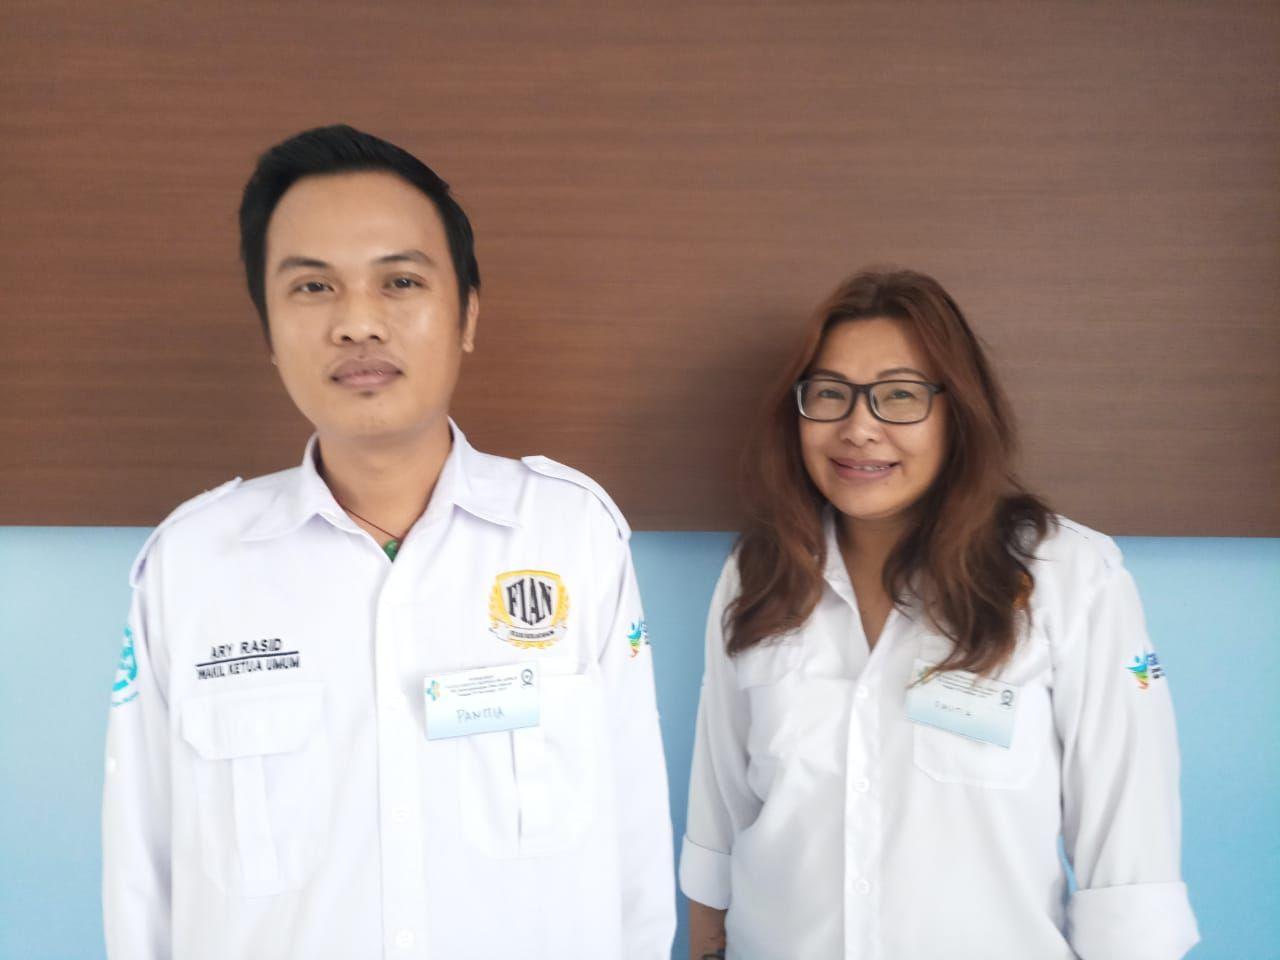 Deskripsi : Wakil Ketua FIAN,Ary Rasid Haryono (kiri) dan Sekretaris Jendral FIAN, Esther Gehl (kanan) I Sumber Foto : dokpri